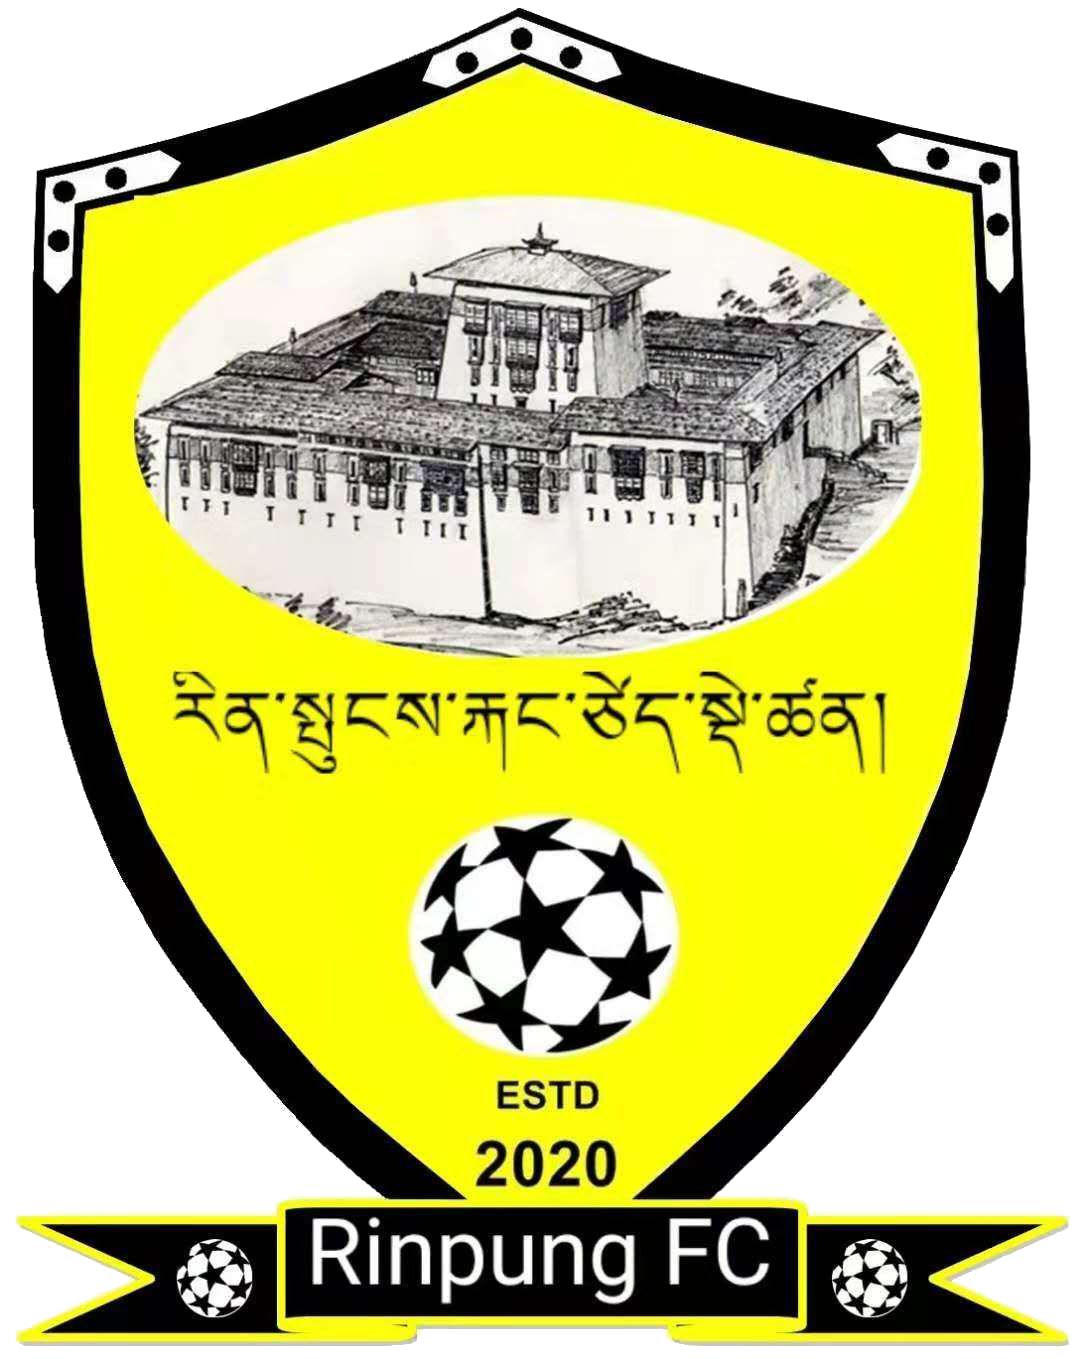 Paro Ringpung FC